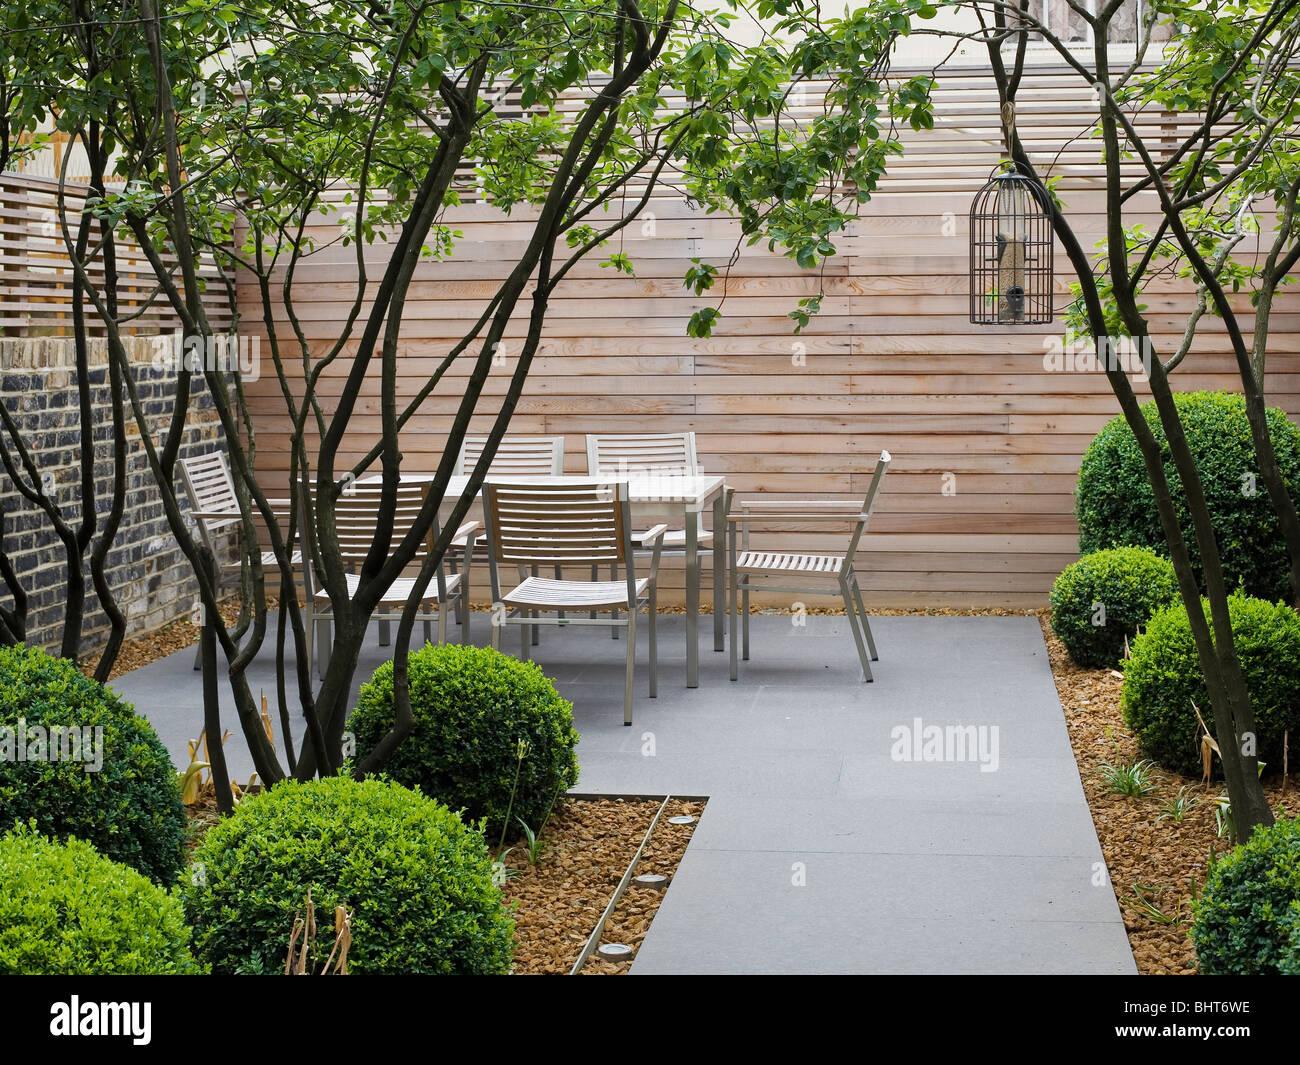 Tavolo moderno e sedie contro tall recinzione in legno in architectural townhouse giardino con scatola ritagliata Immagini Stock